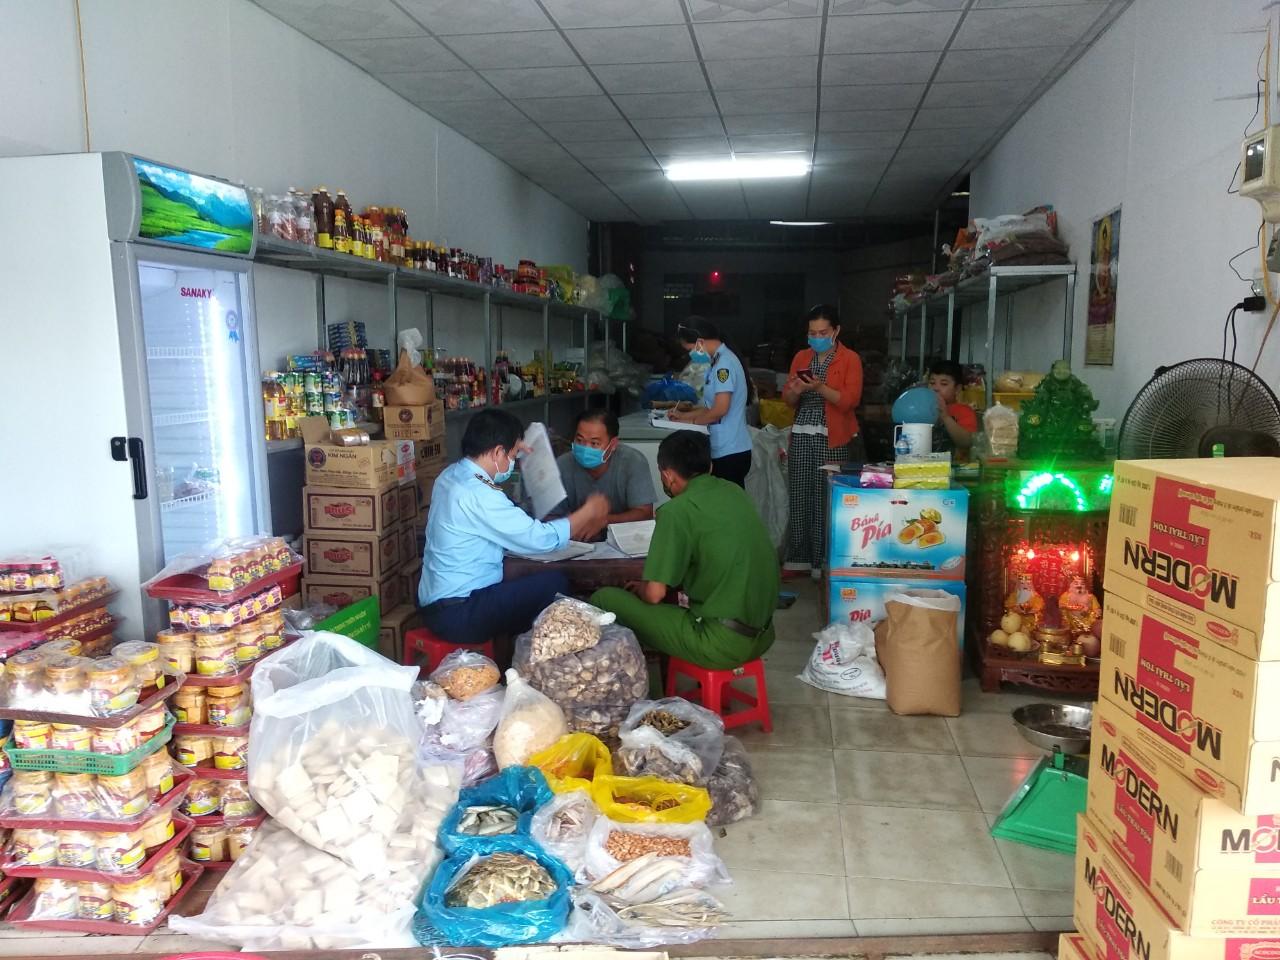 Đội QLTT số 2 thuộc Cục QLTT thành phố Cần Thơ xử phạt 01 cơ sở kinh doanh thực phẩm từ phản ánh của người tiêu dùng qua đường dây nóng